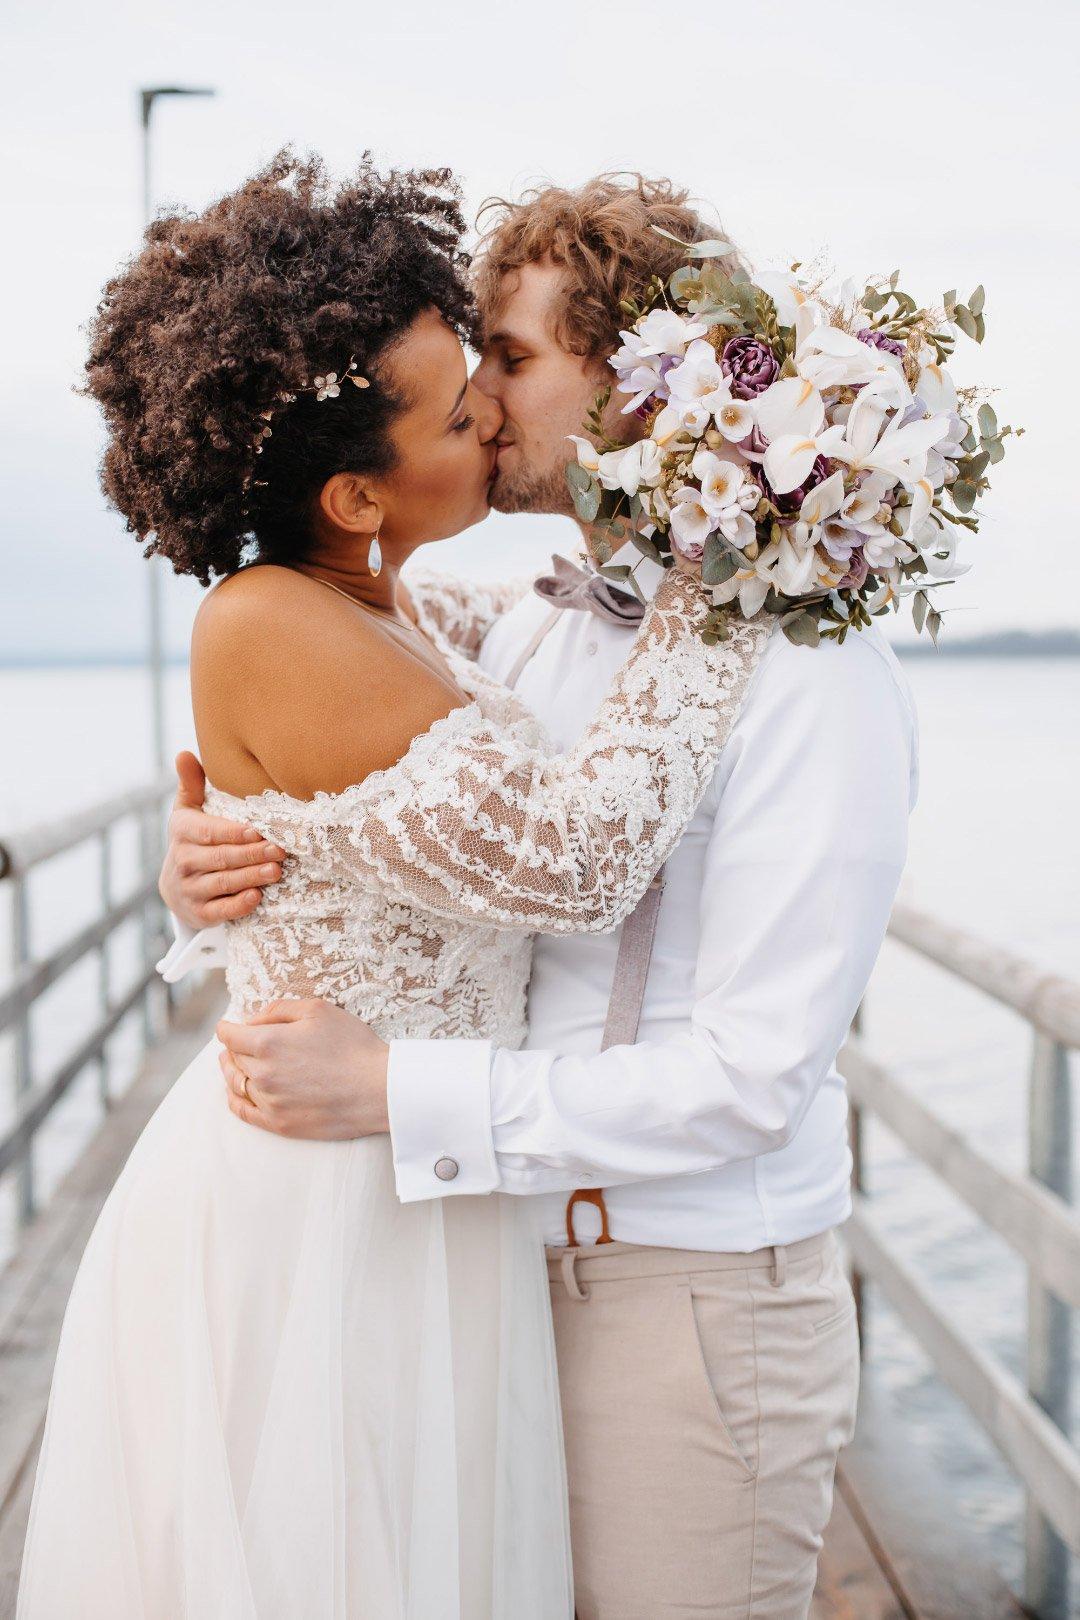 Brautpaarbild mit dem Brautstrauß